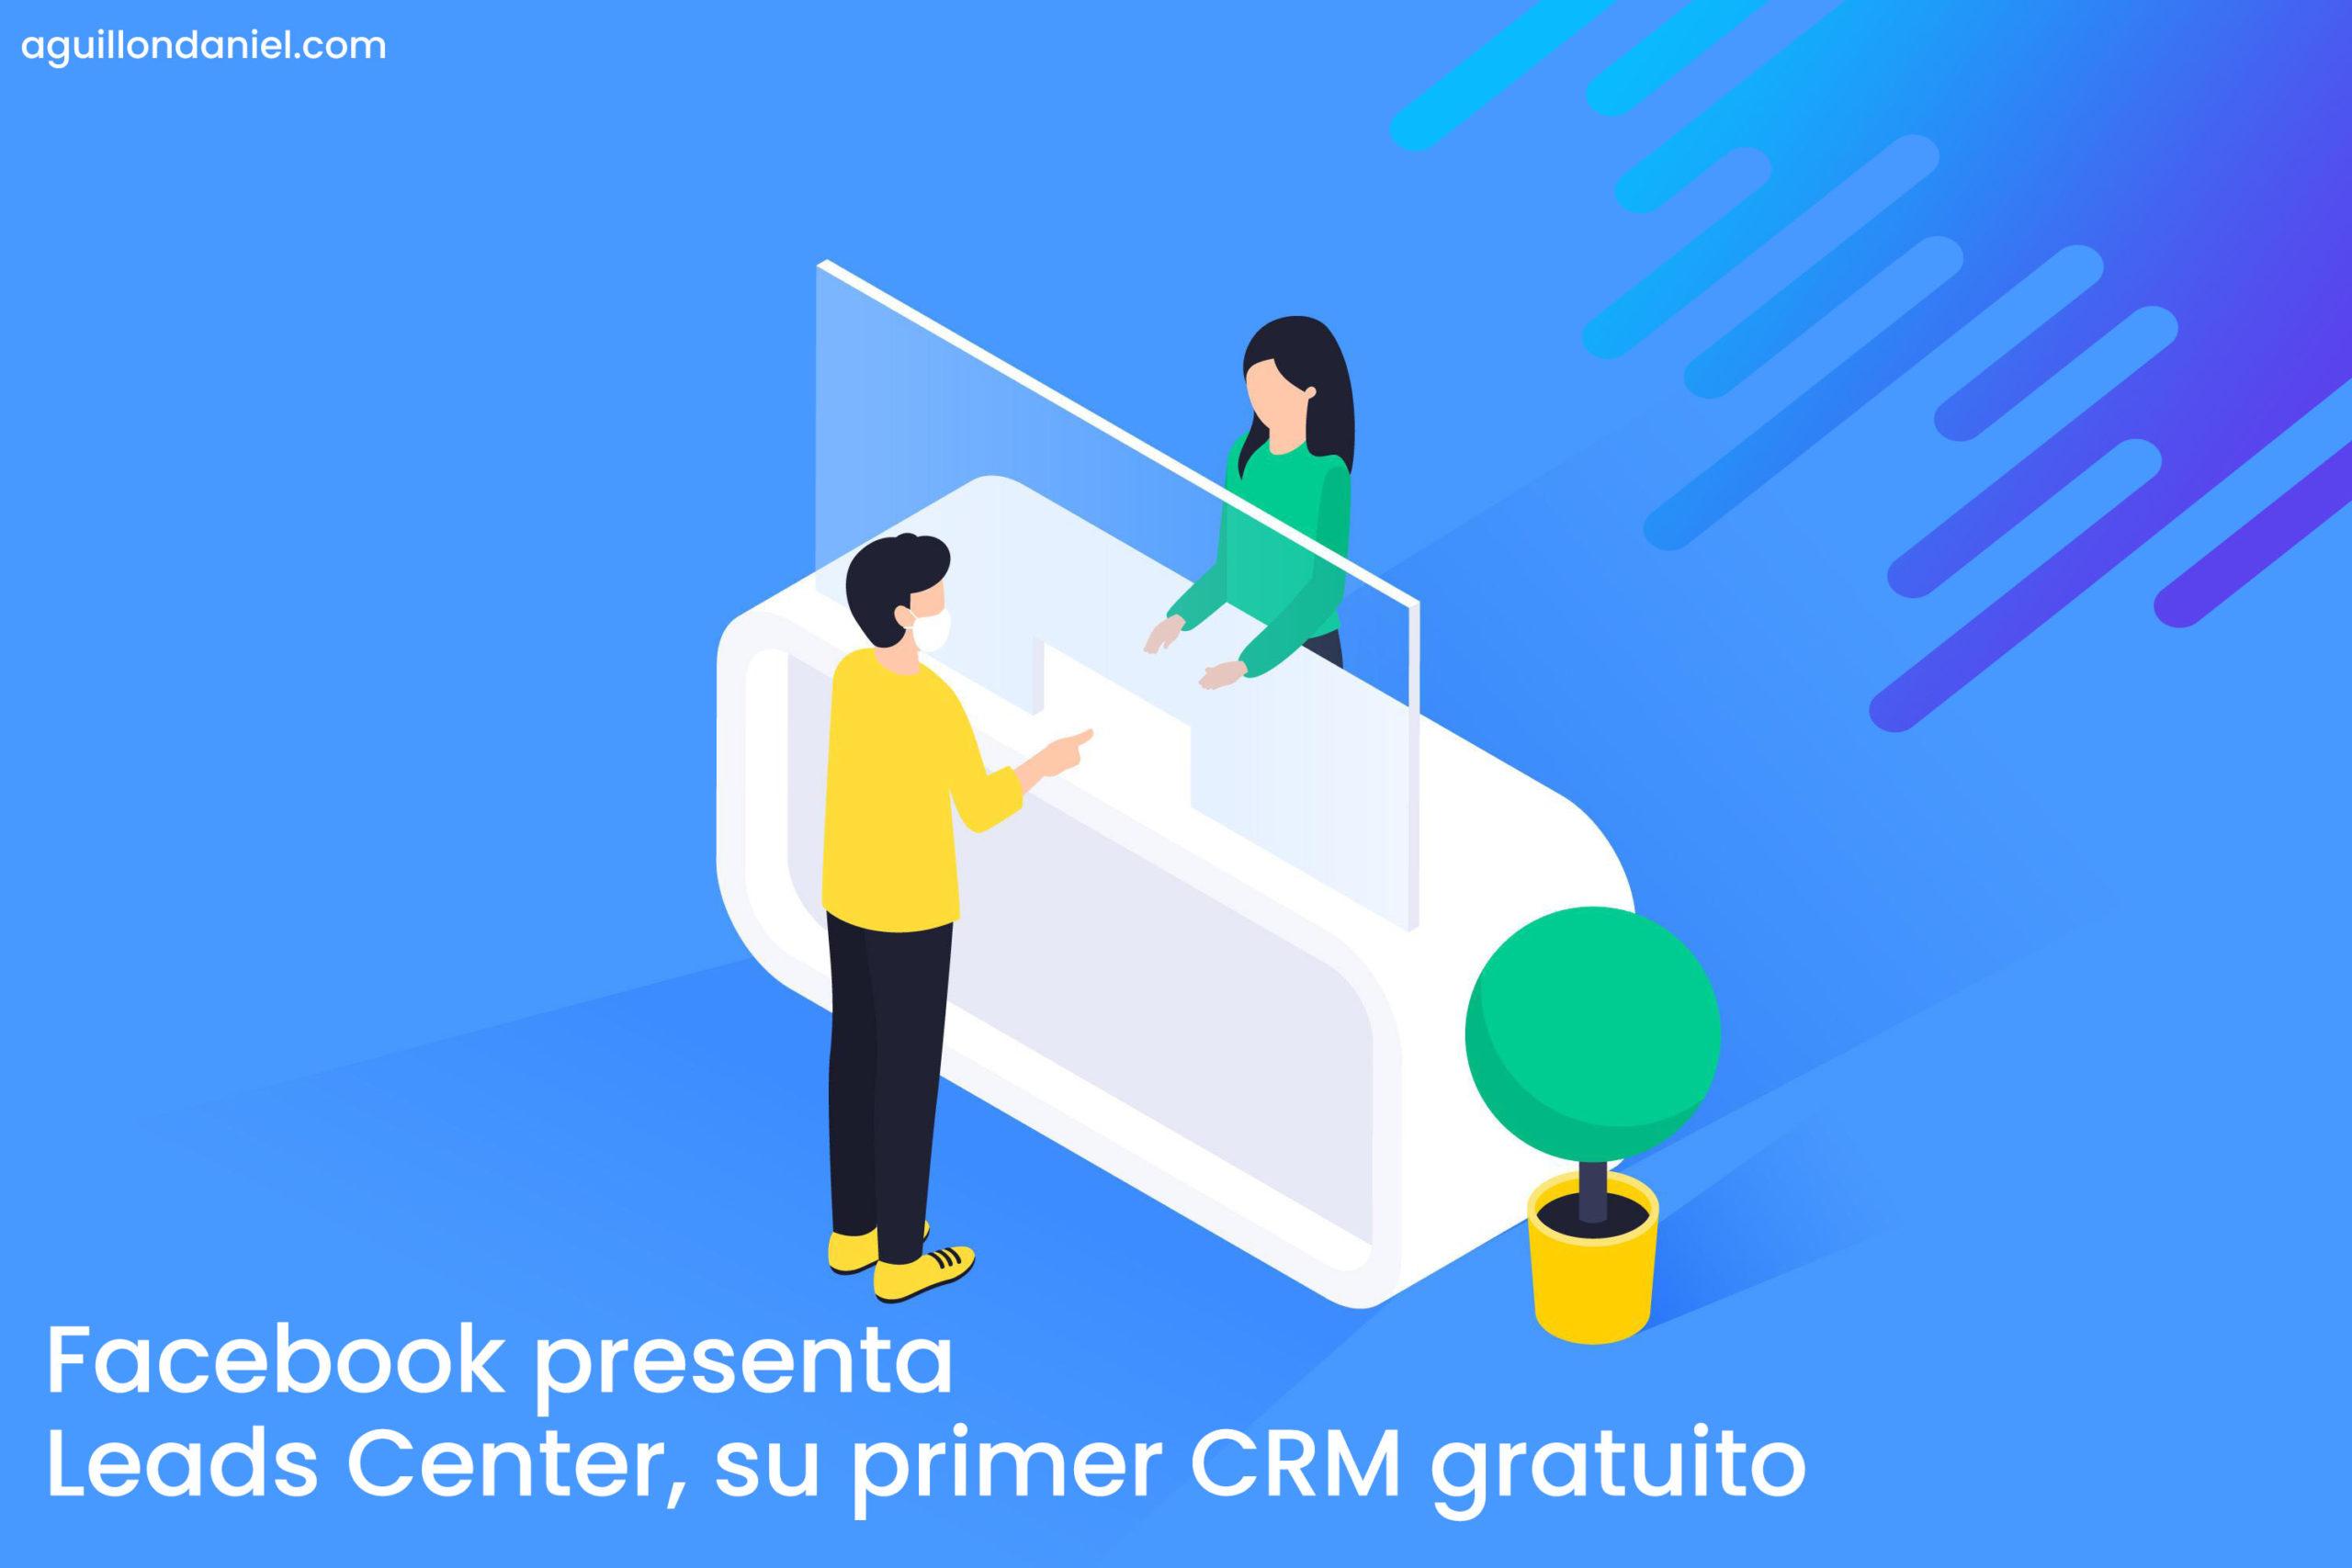 Facebook presenta Leads Center, su primer CRM gratuito daniel aguillon